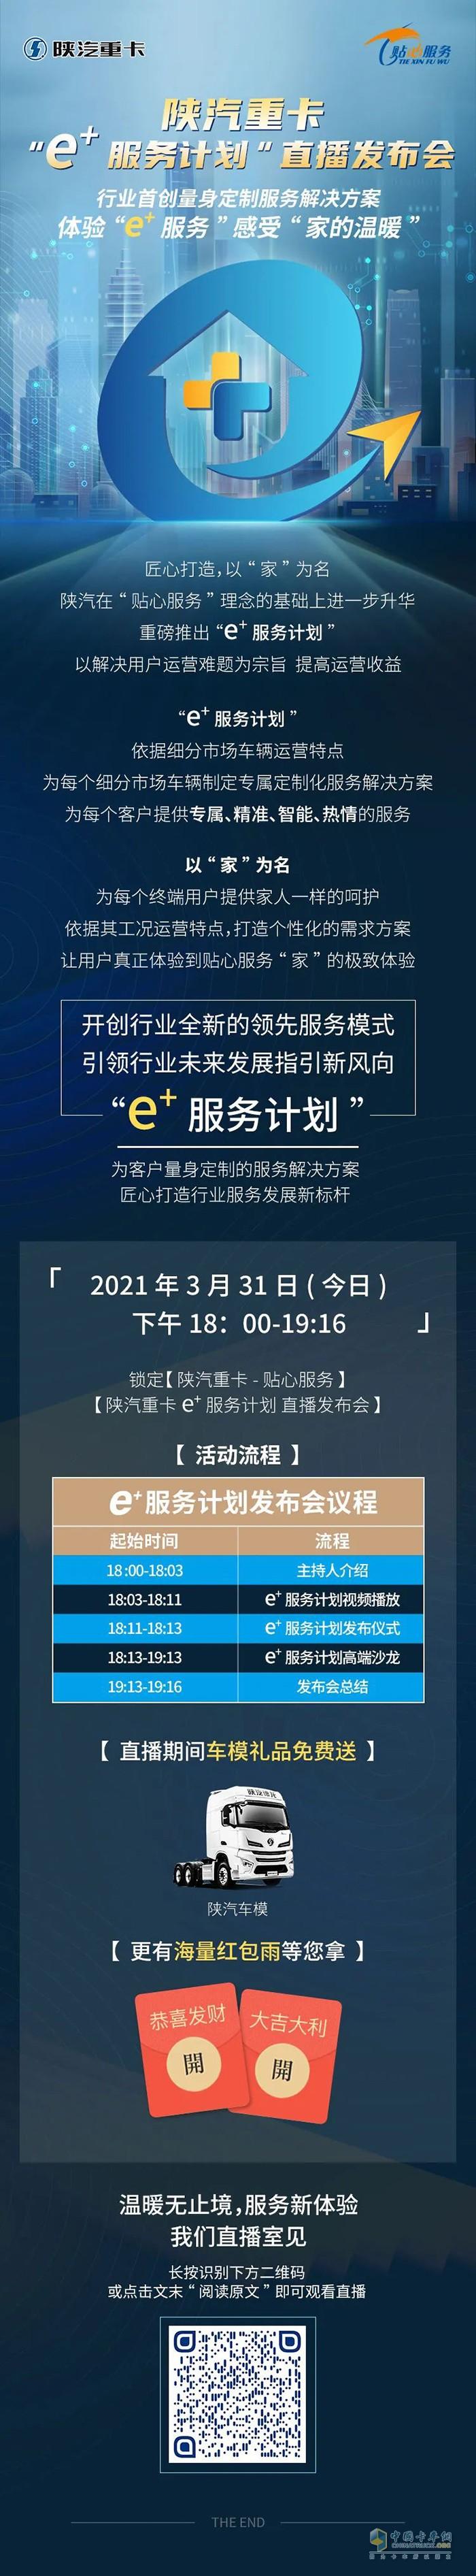 """陕汽重卡""""e+服务计划"""""""